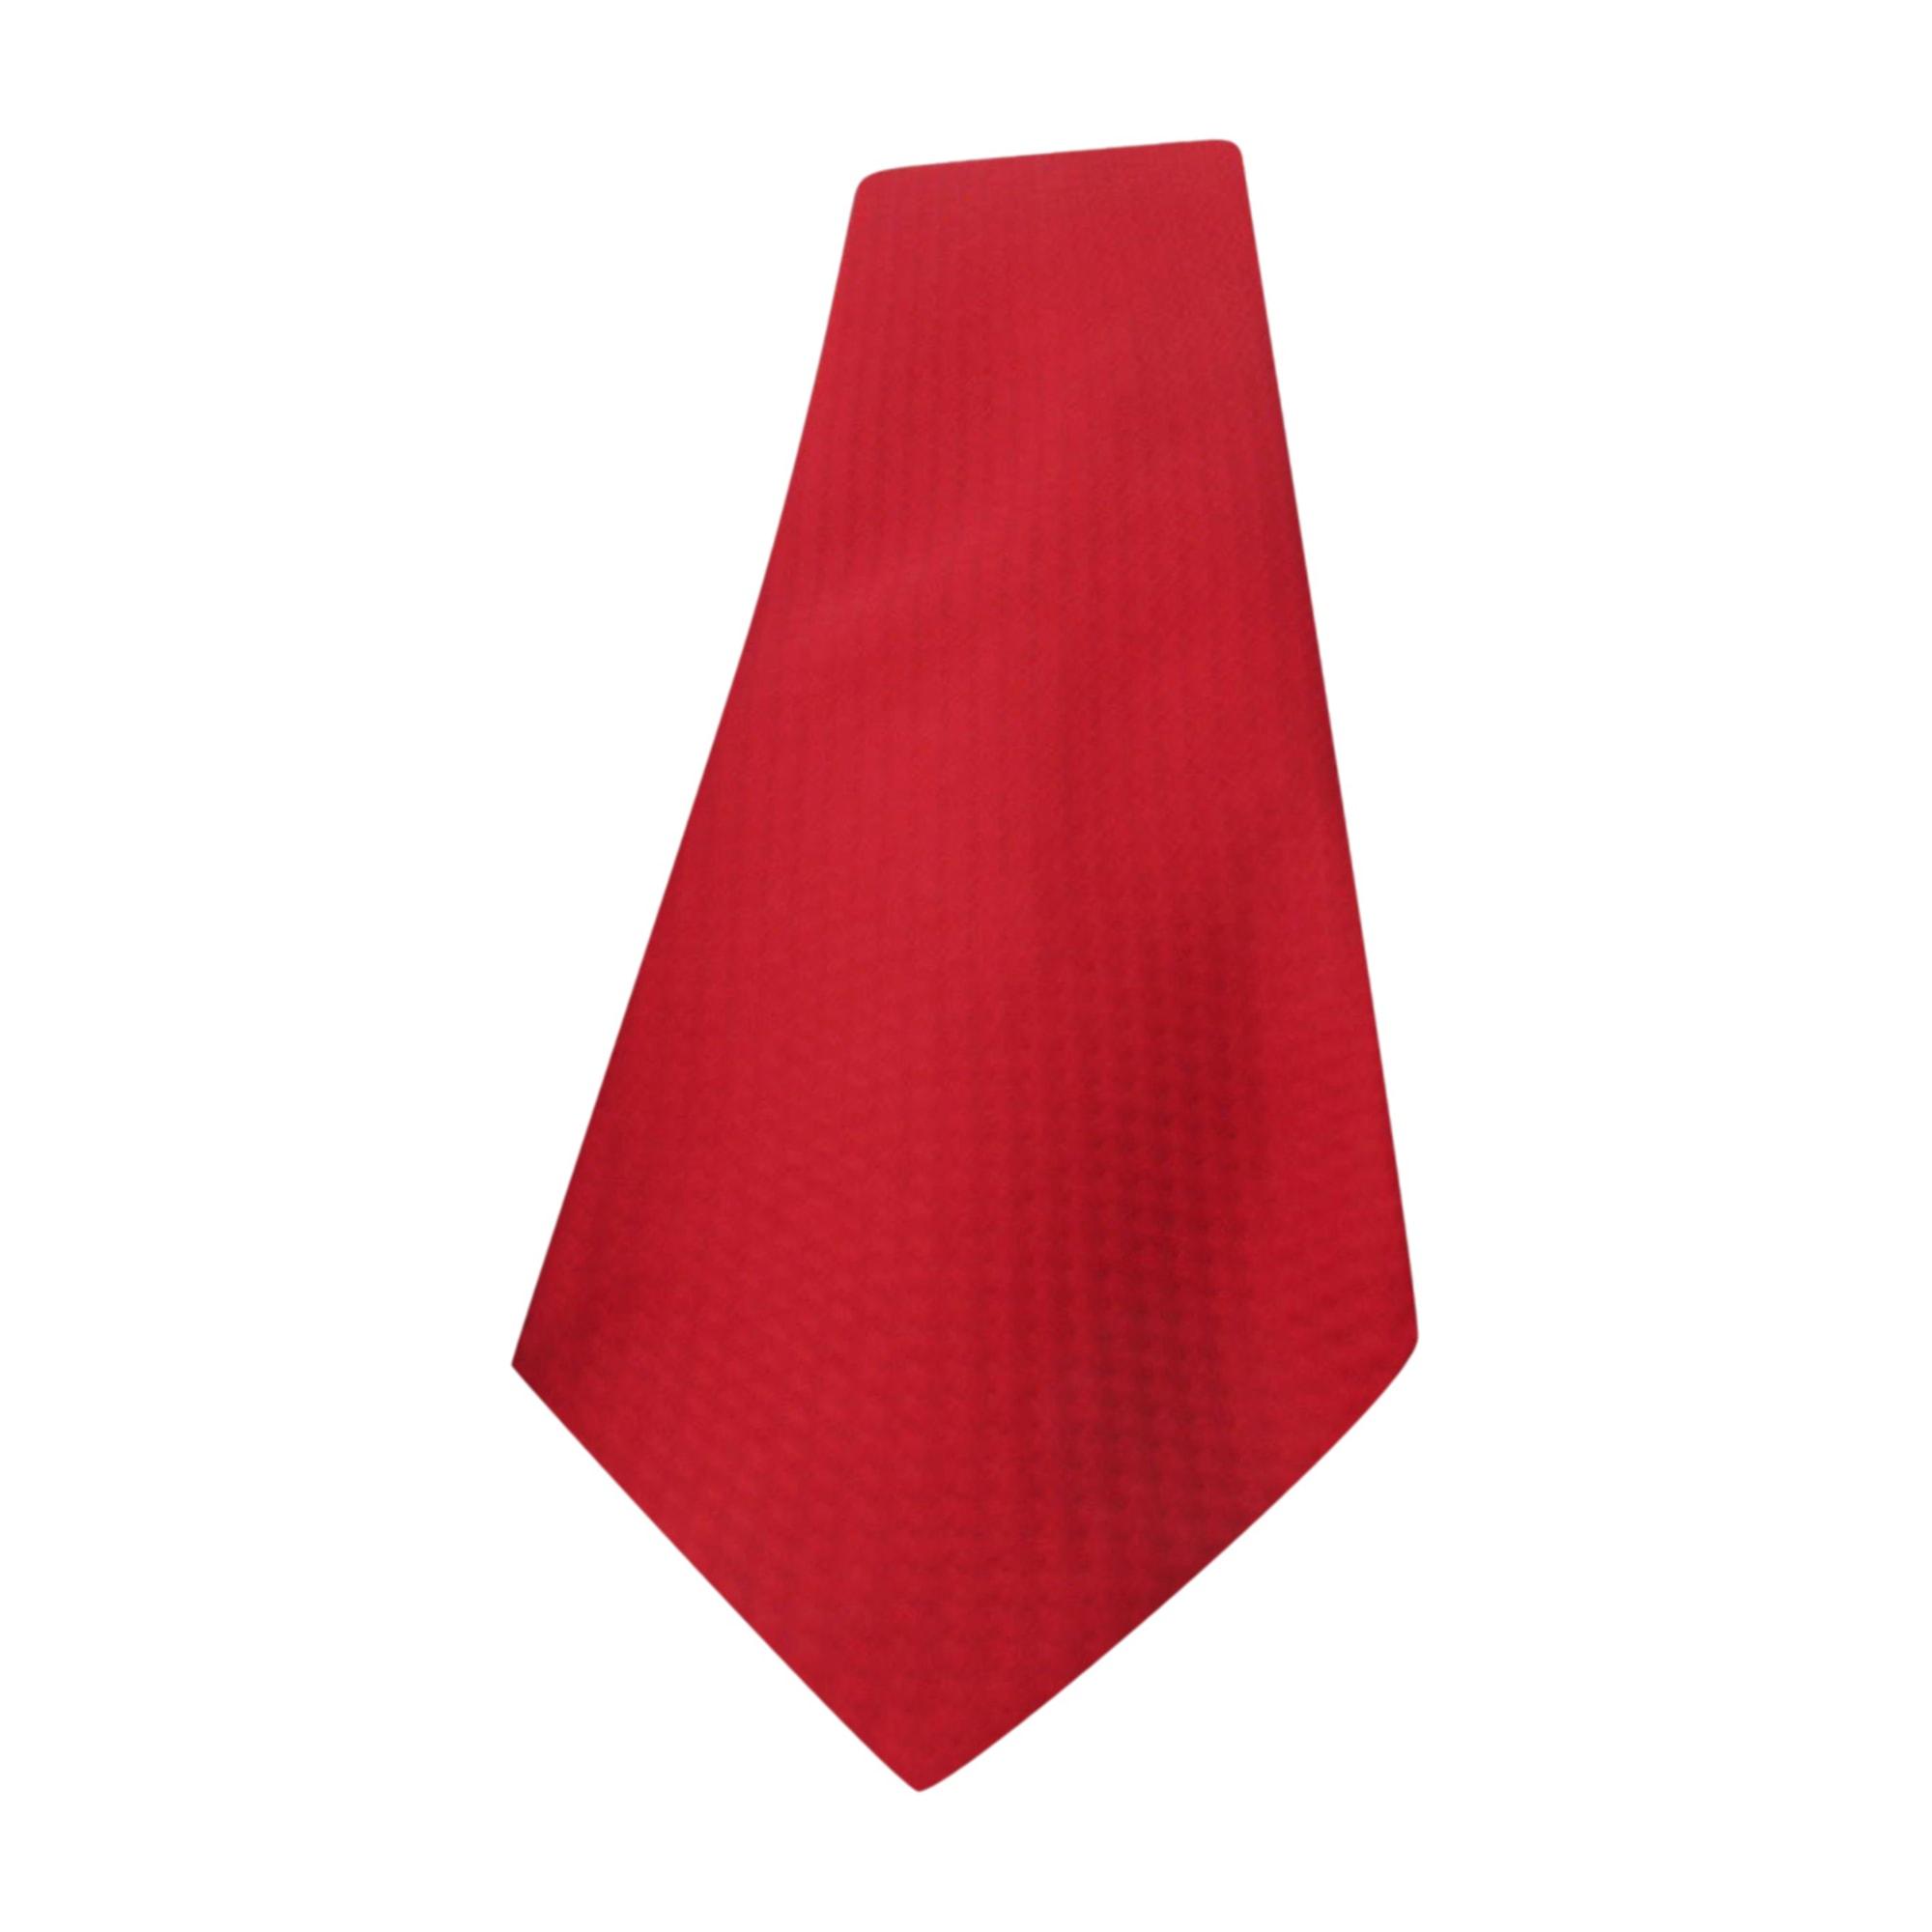 Cravate CHARVET Rouge, bordeaux